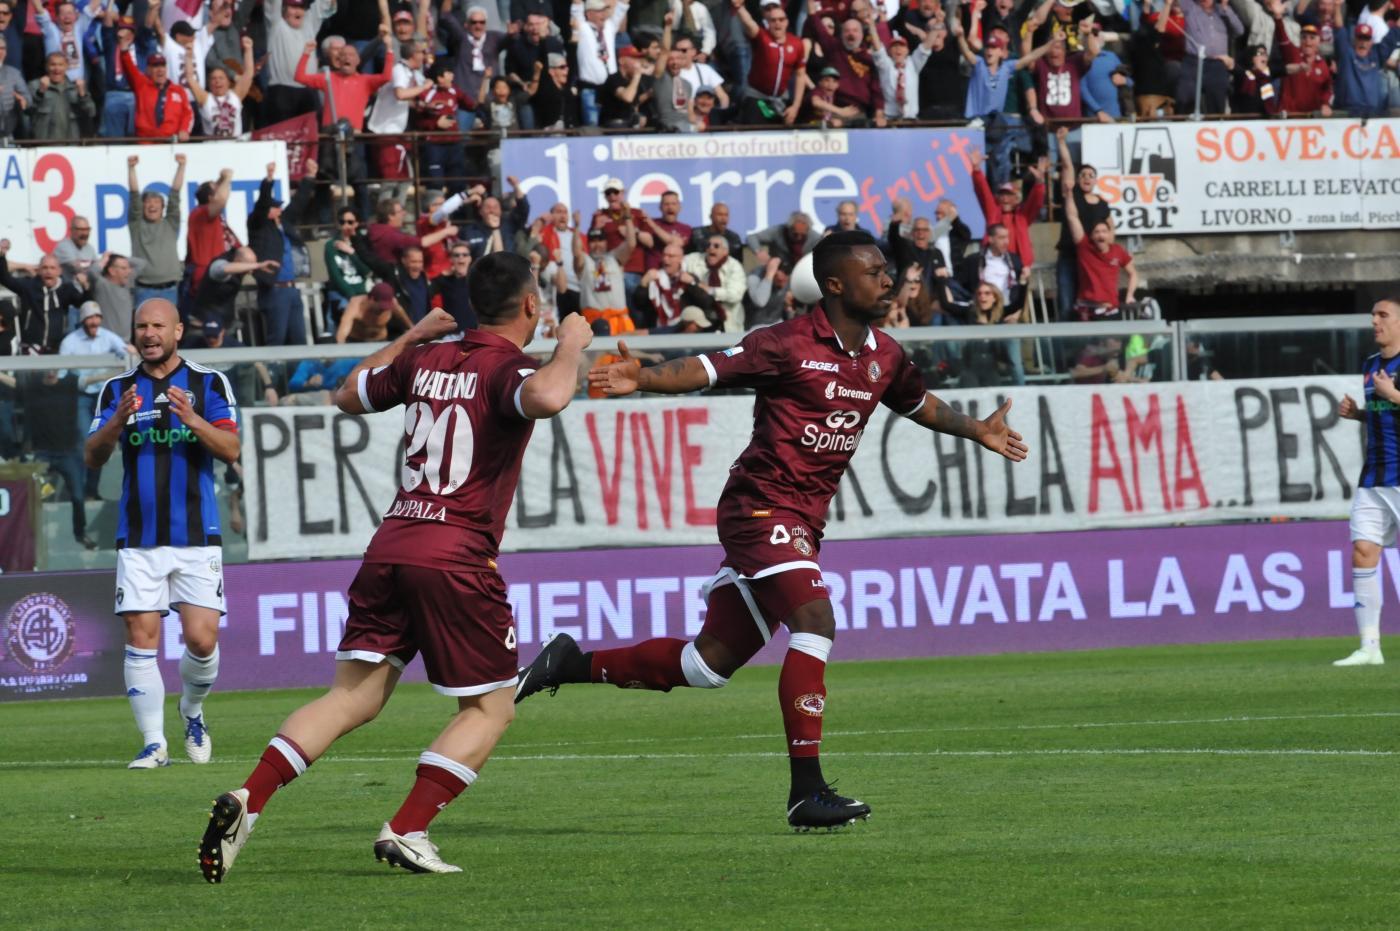 Serie B, Livorno-Spezia domenica 7 ottobre: analisi e pronostico della settima giornata della seconda divisione italiana